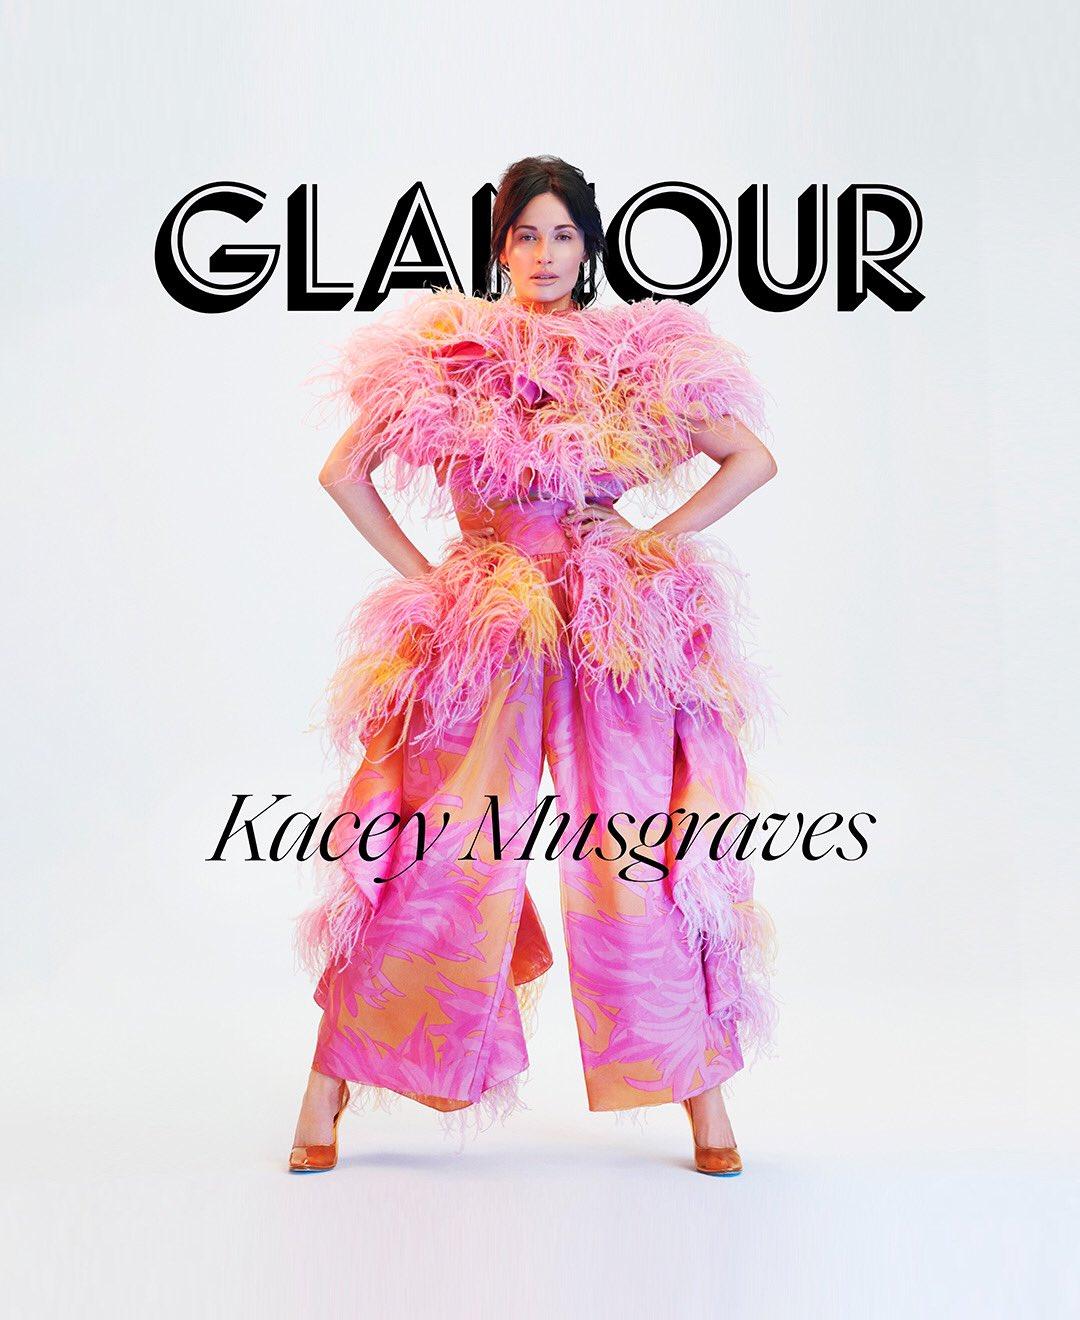 Kacey Musgraves @ KaceyMusgraves